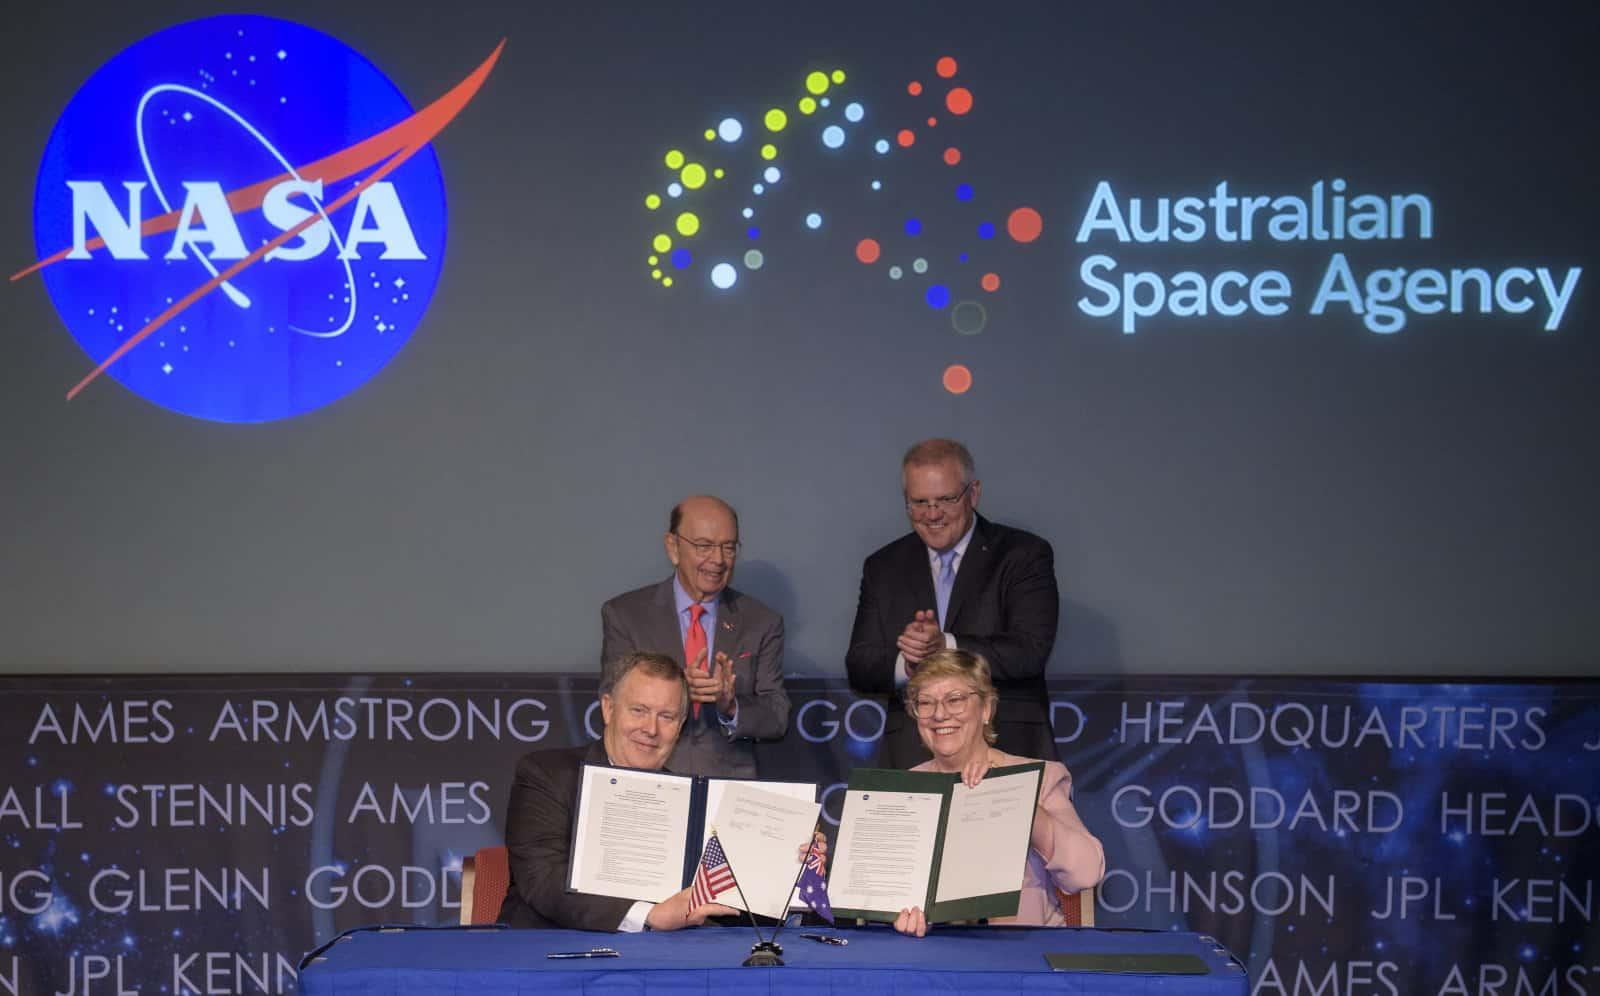 L'Australie va aider la NASA à aller sur la Lune et sur Mars